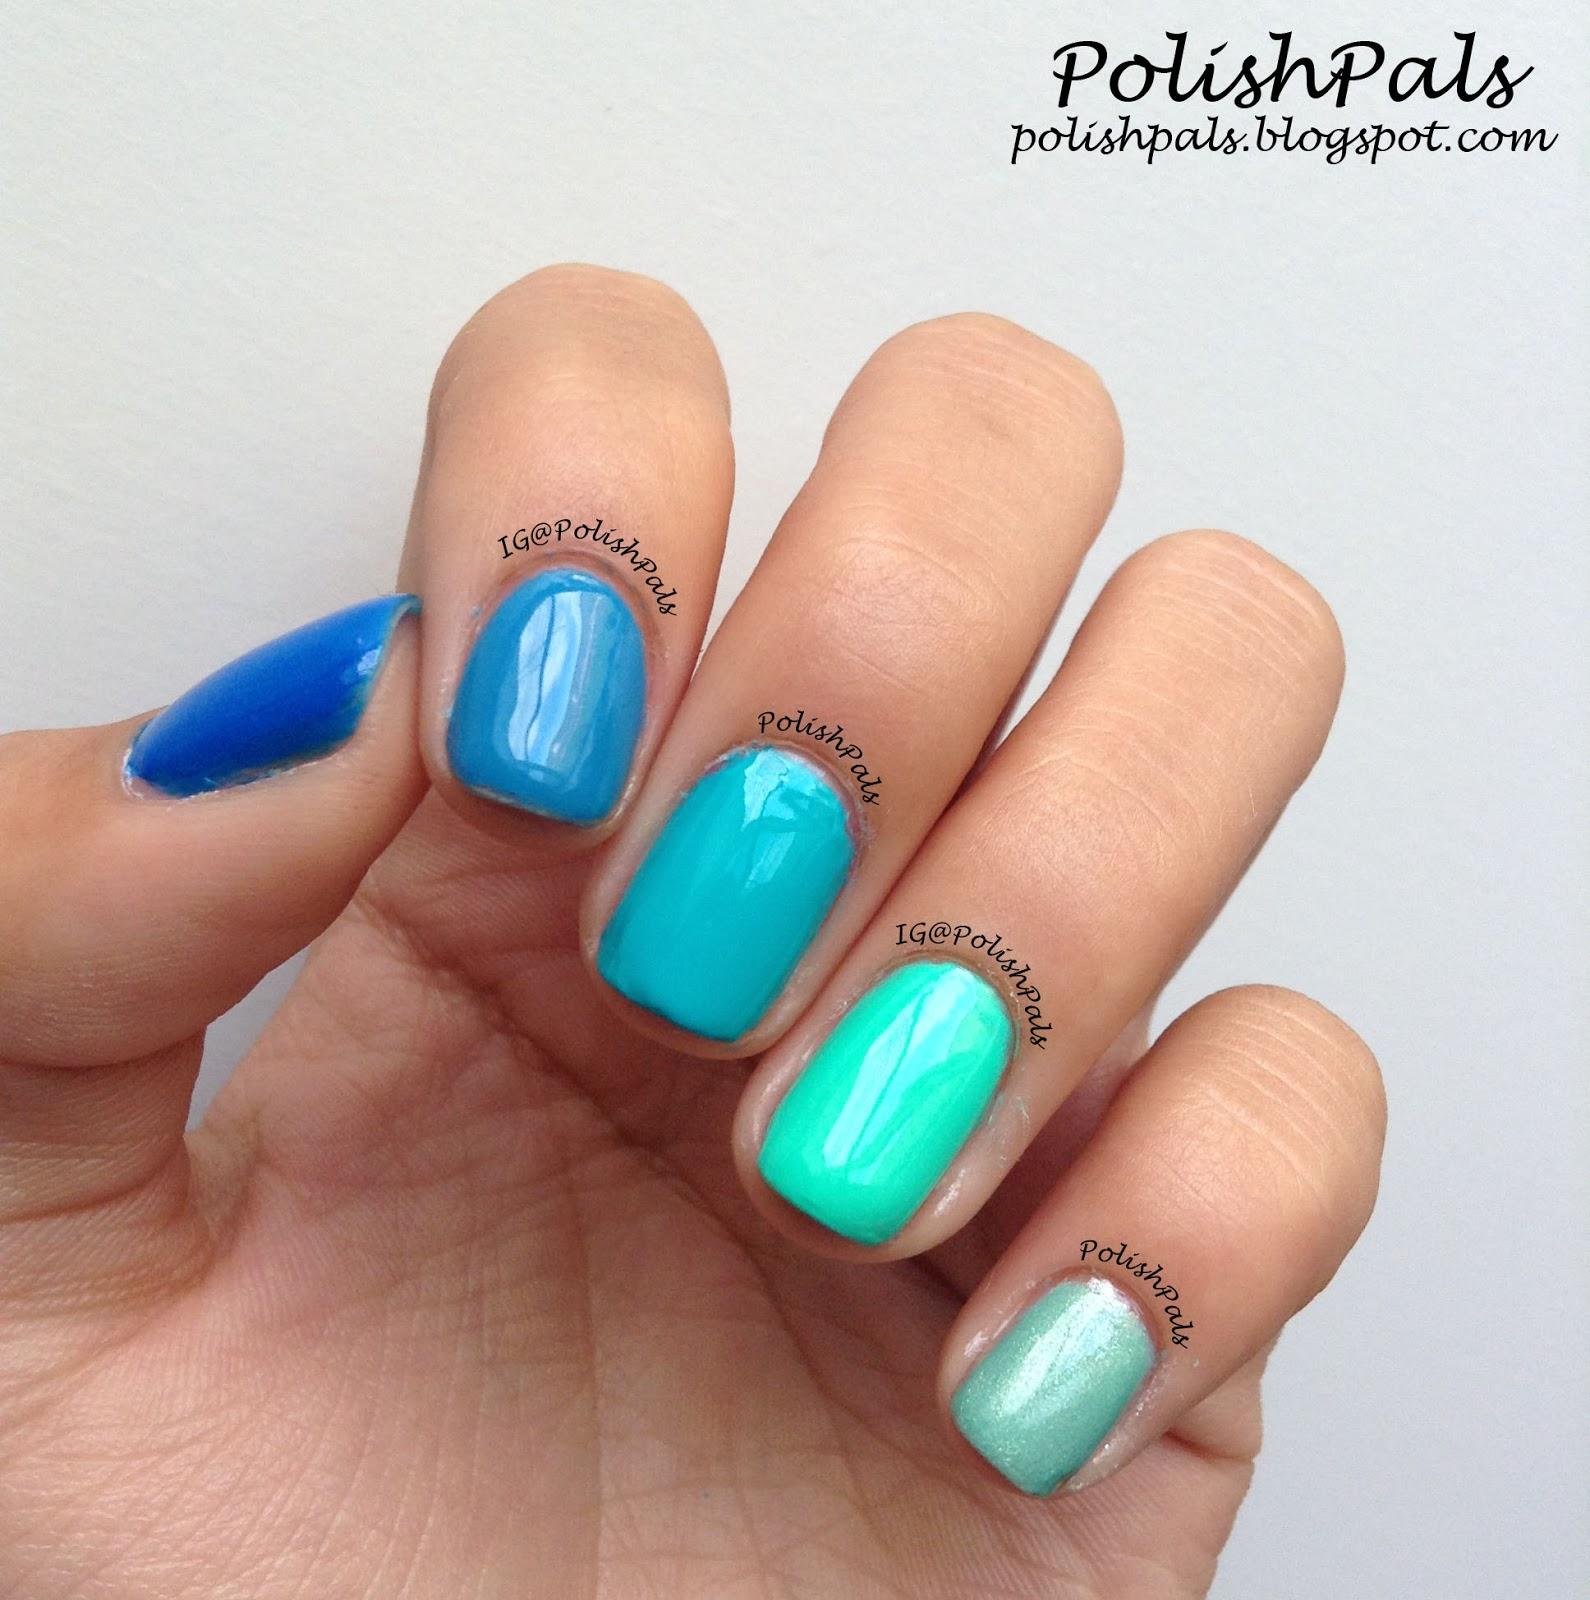 Ombre Nail Art: Polish Pals: Ombre Nails